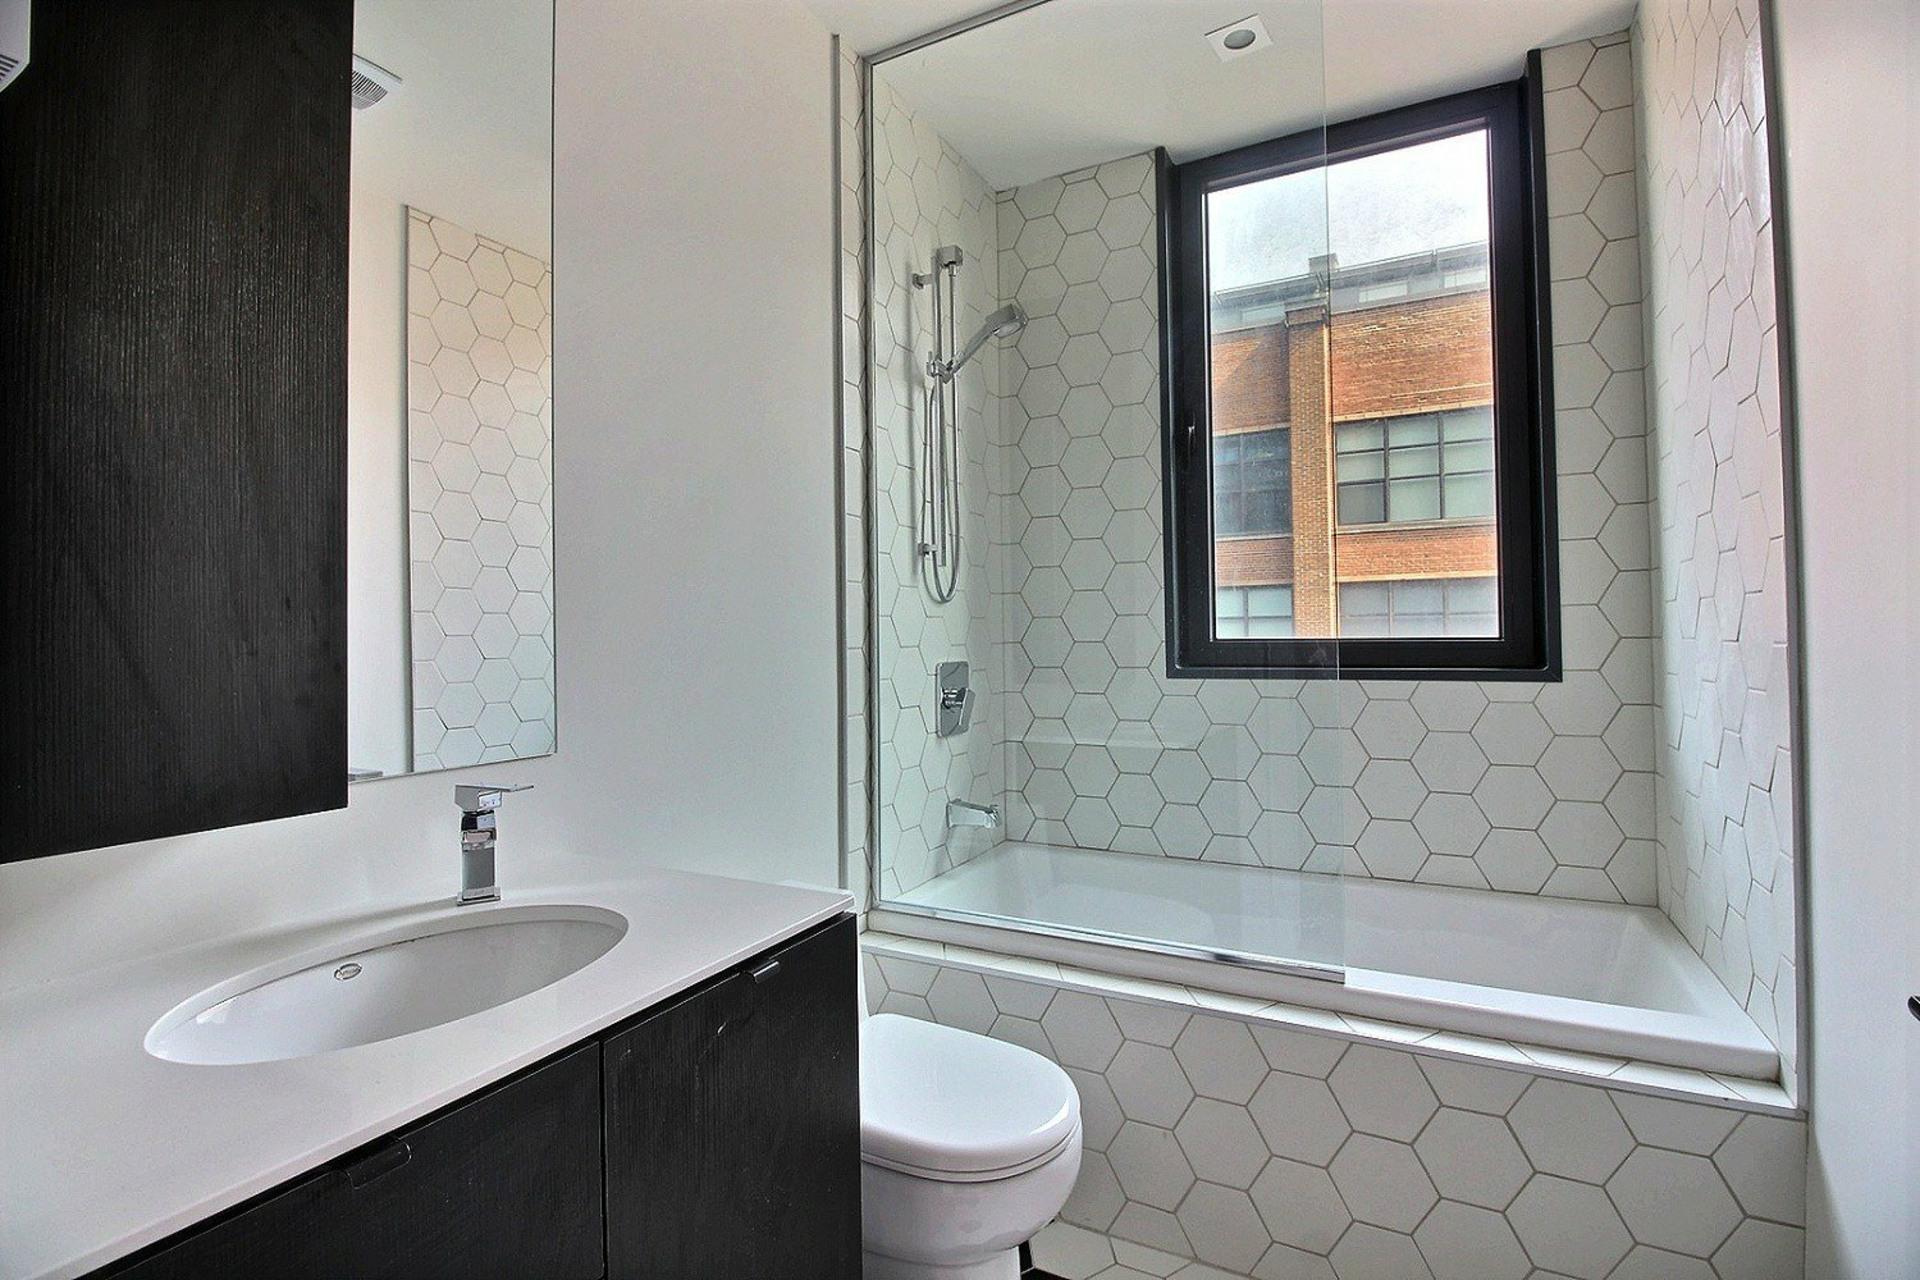 image 5 - Apartment For rent Montréal Le Sud-Ouest  - 5 rooms